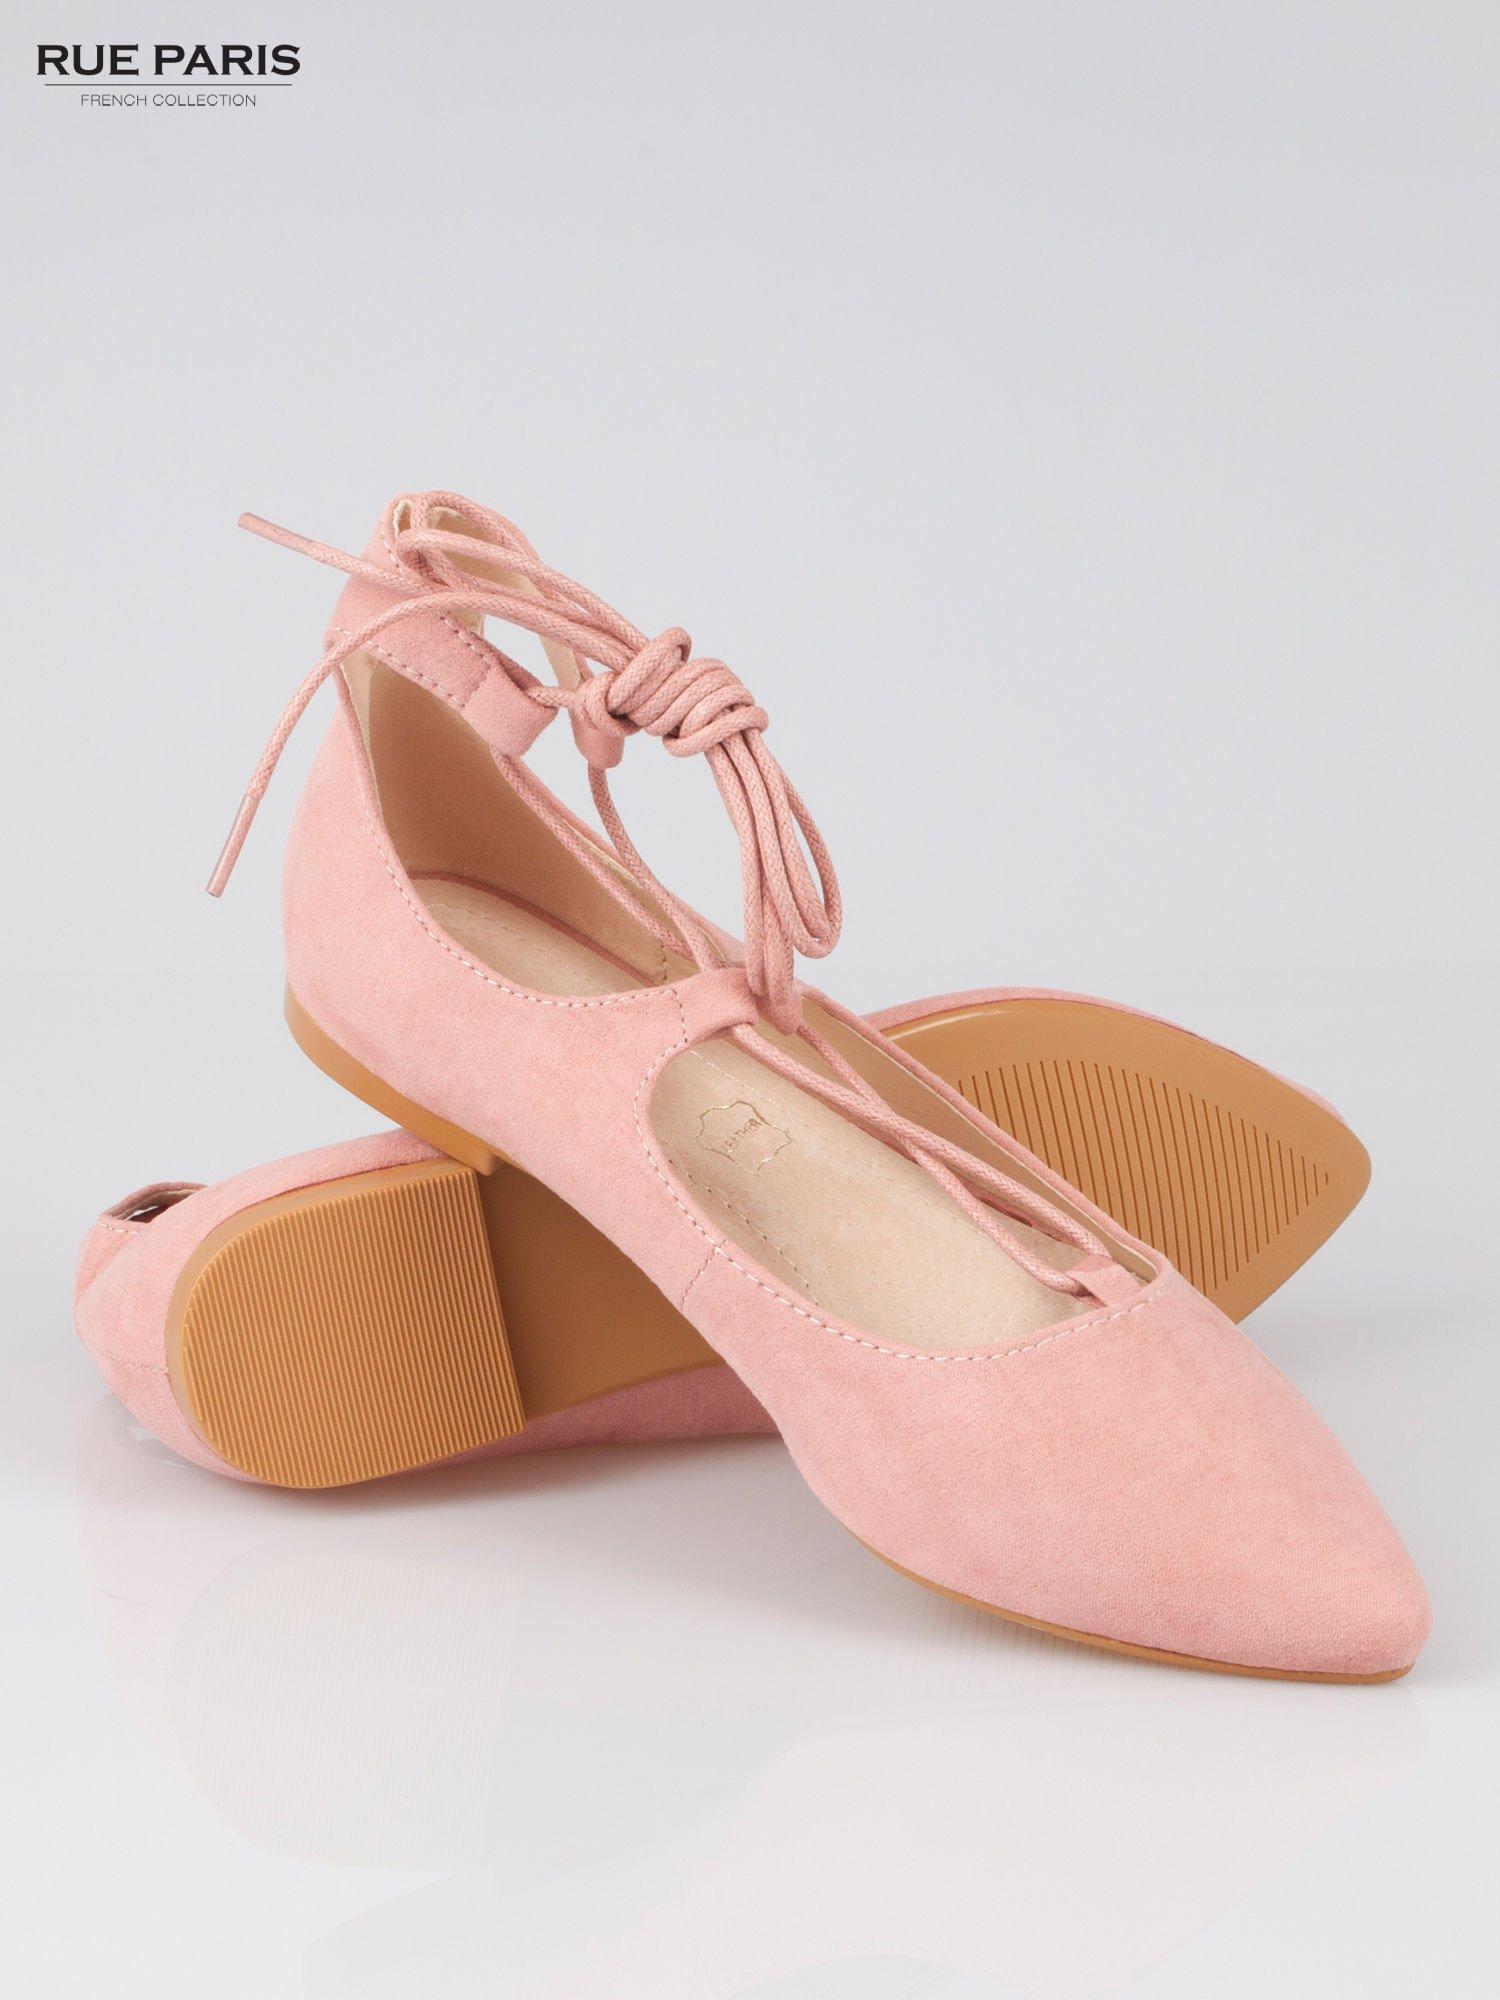 Różowe wiązane baleriny faux suede Kim lace up z zamszu                                  zdj.                                  4